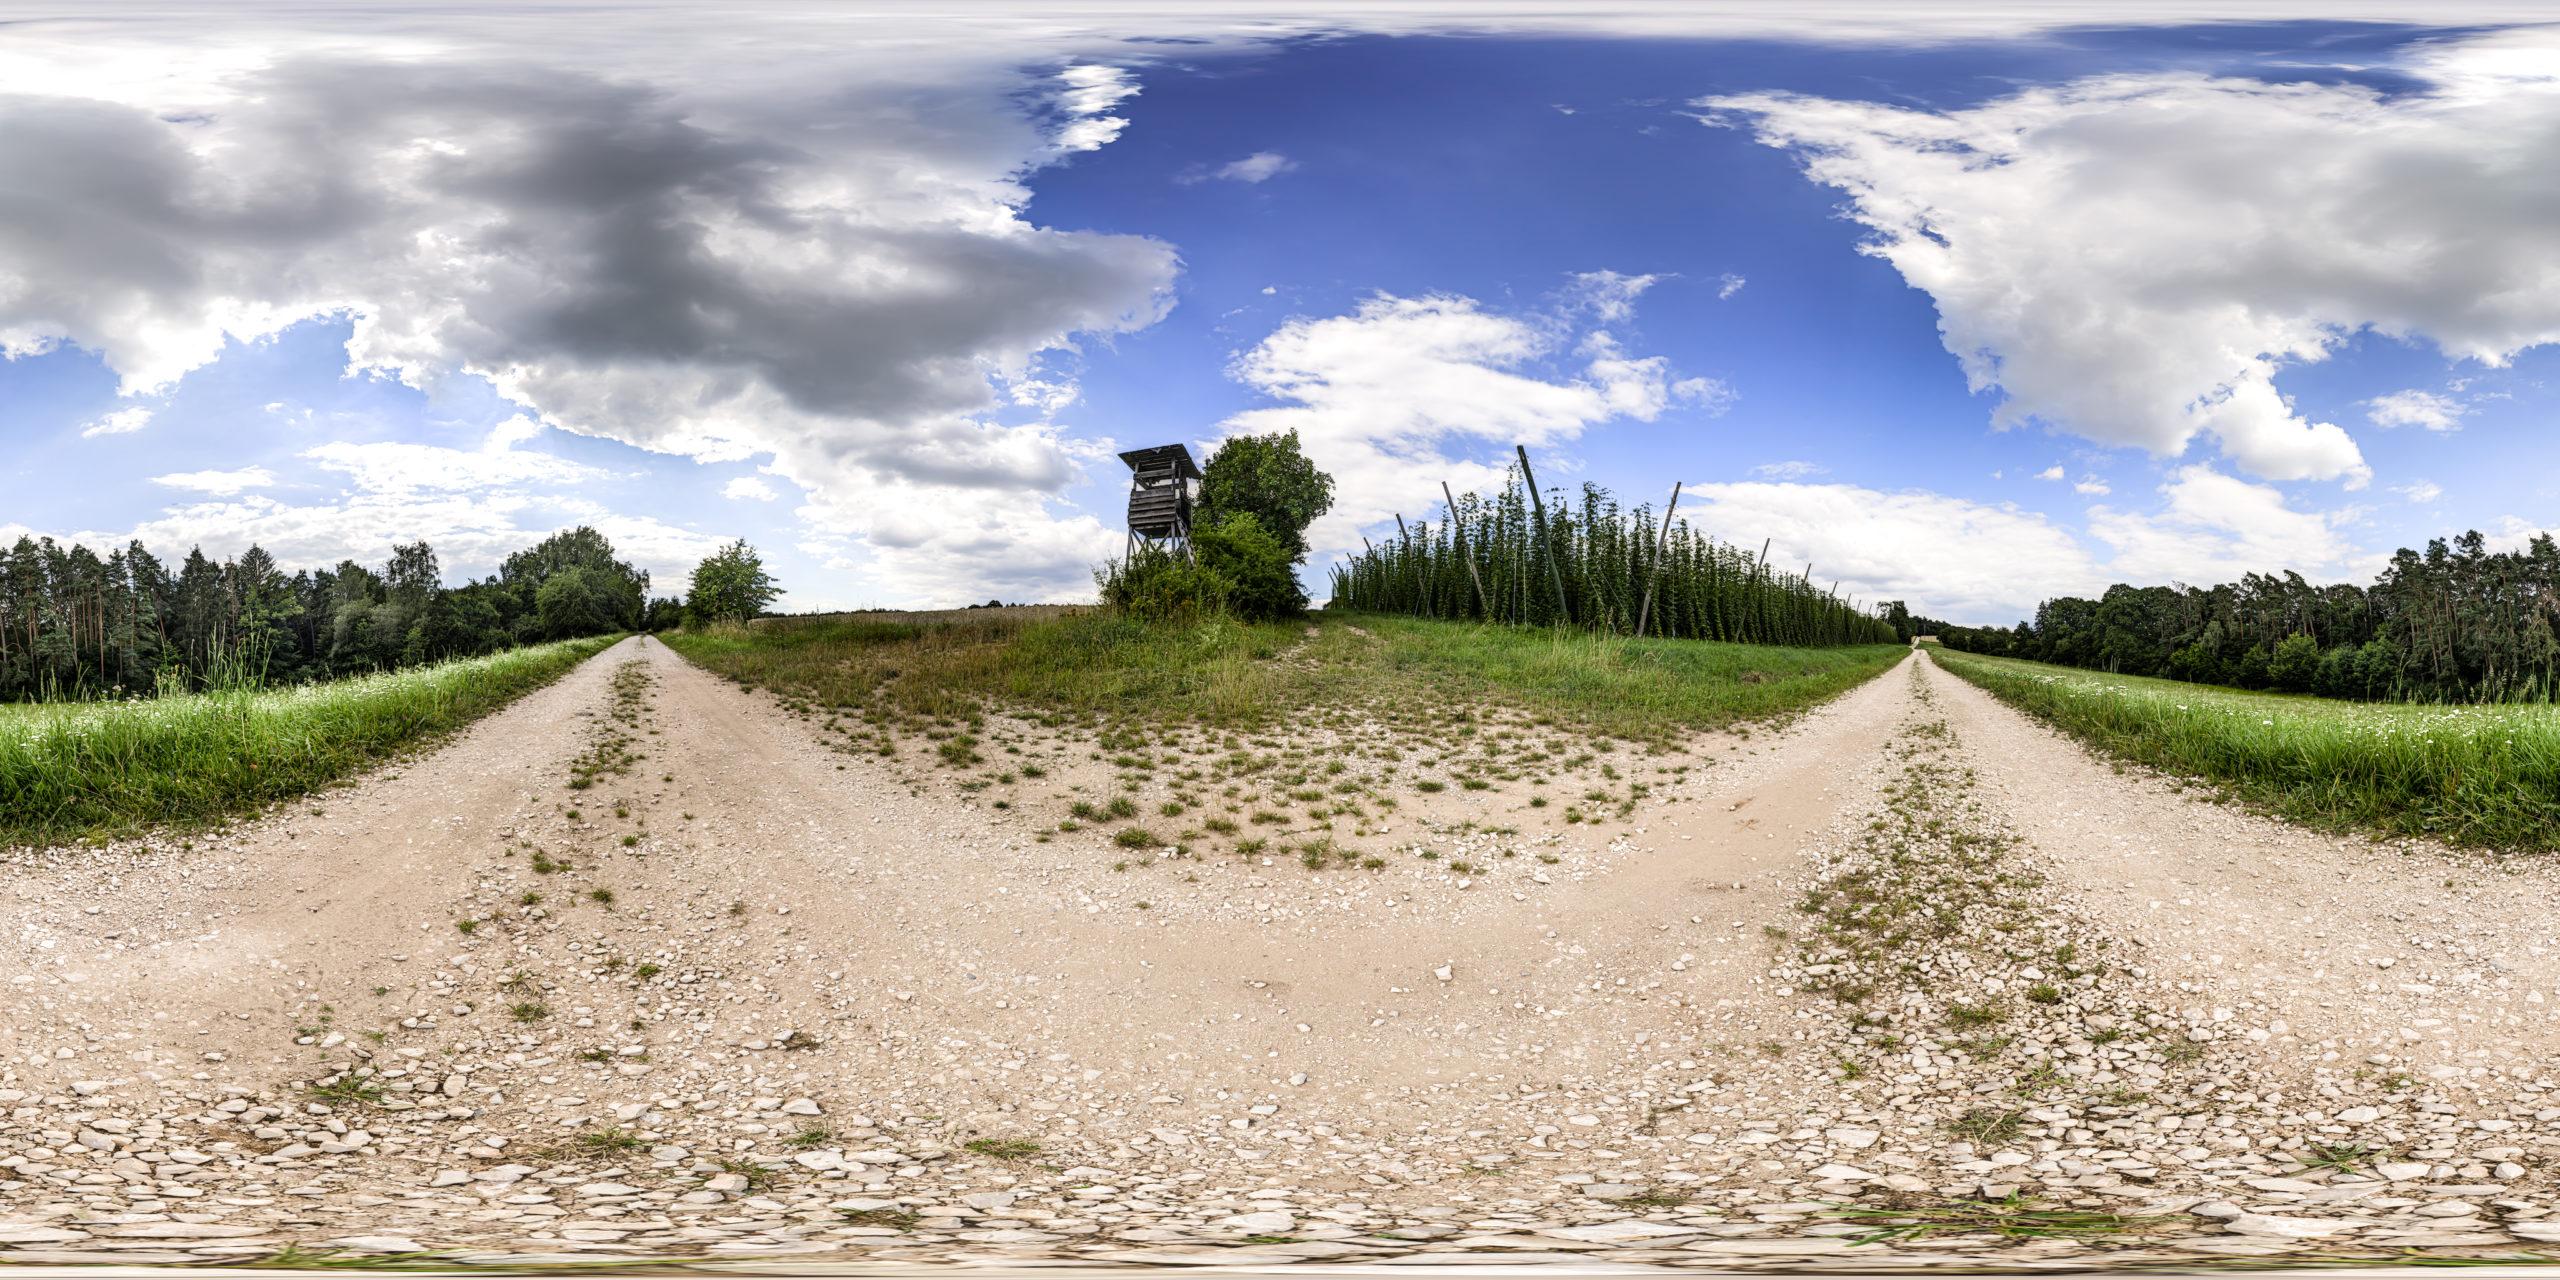 HDRI-Skies-Field-Enderndorf